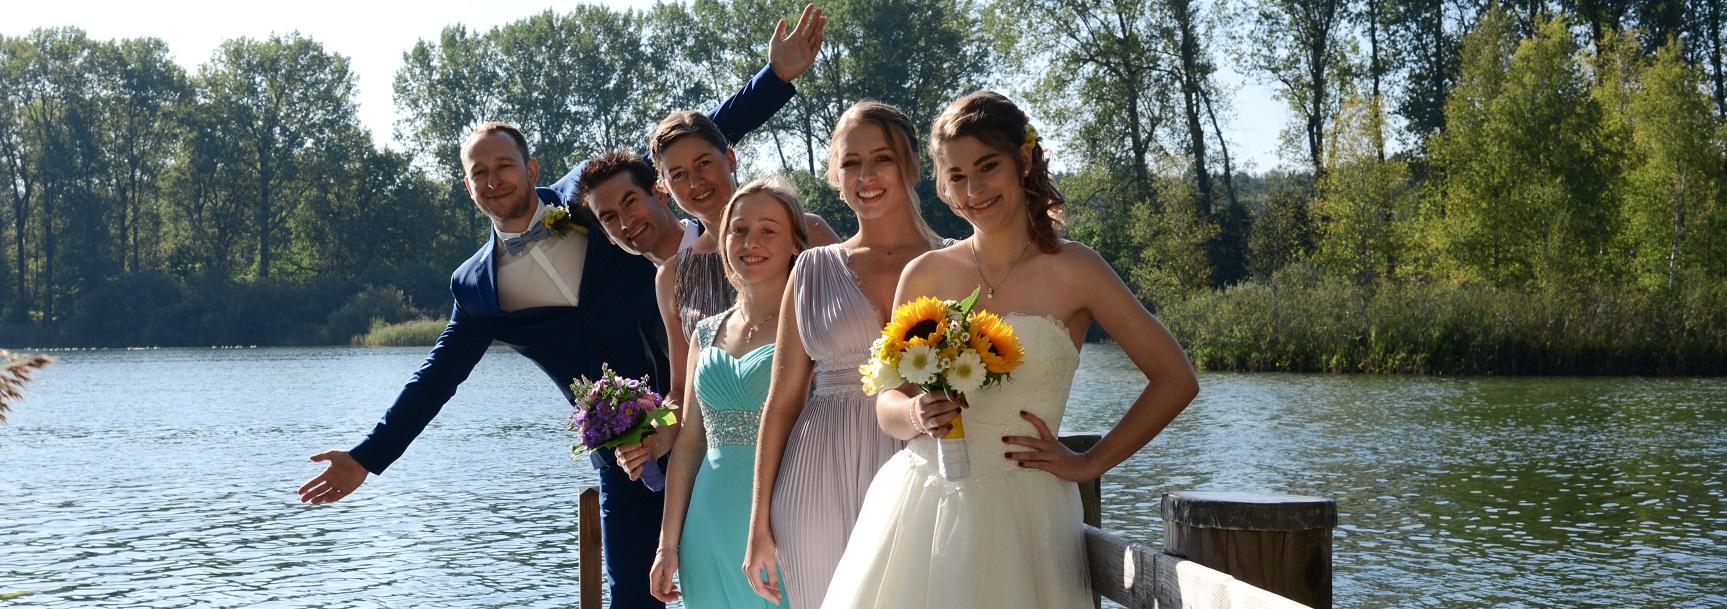 Hochzeitsfilm_Slider_7